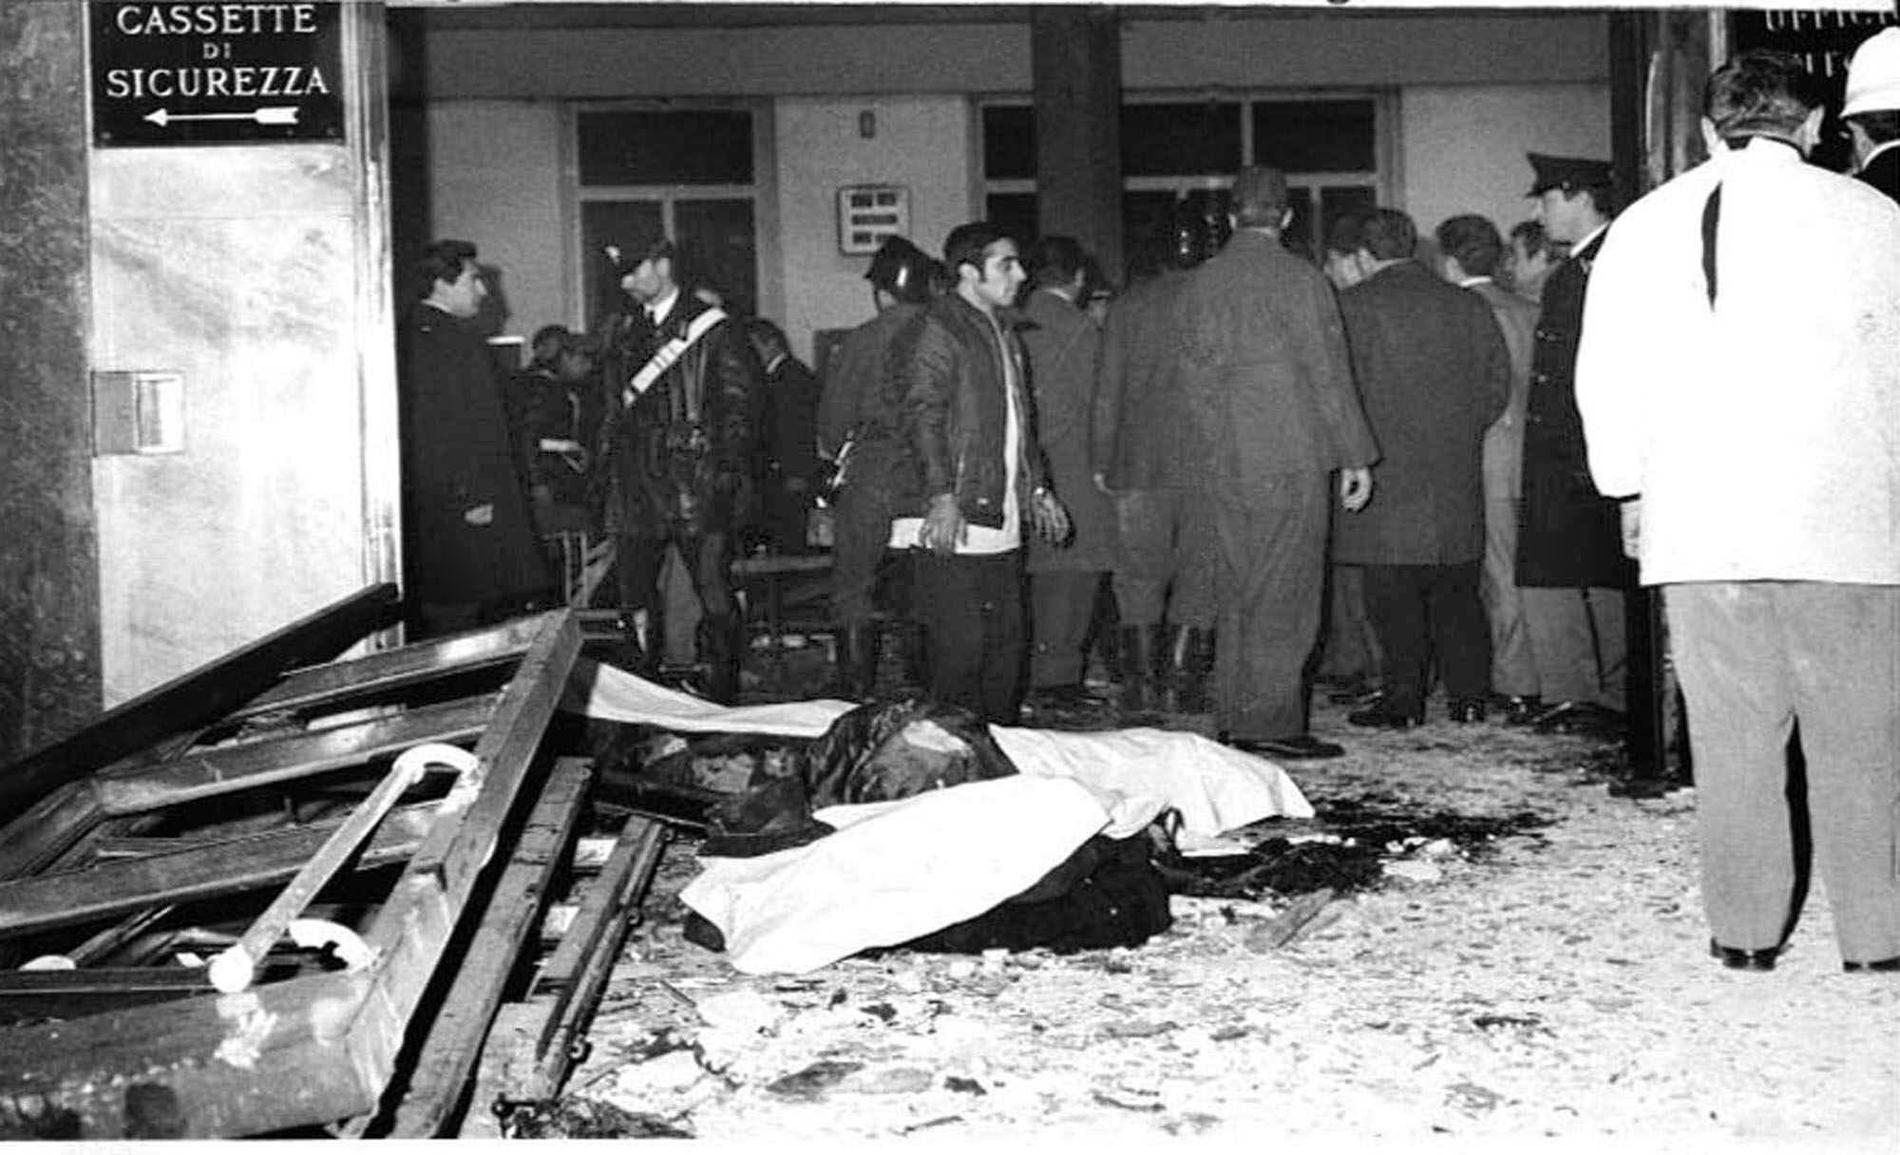 Förödelsen efter ett av terrorgruppen Ordine Nuovos  bombdåd i Milano 1969.